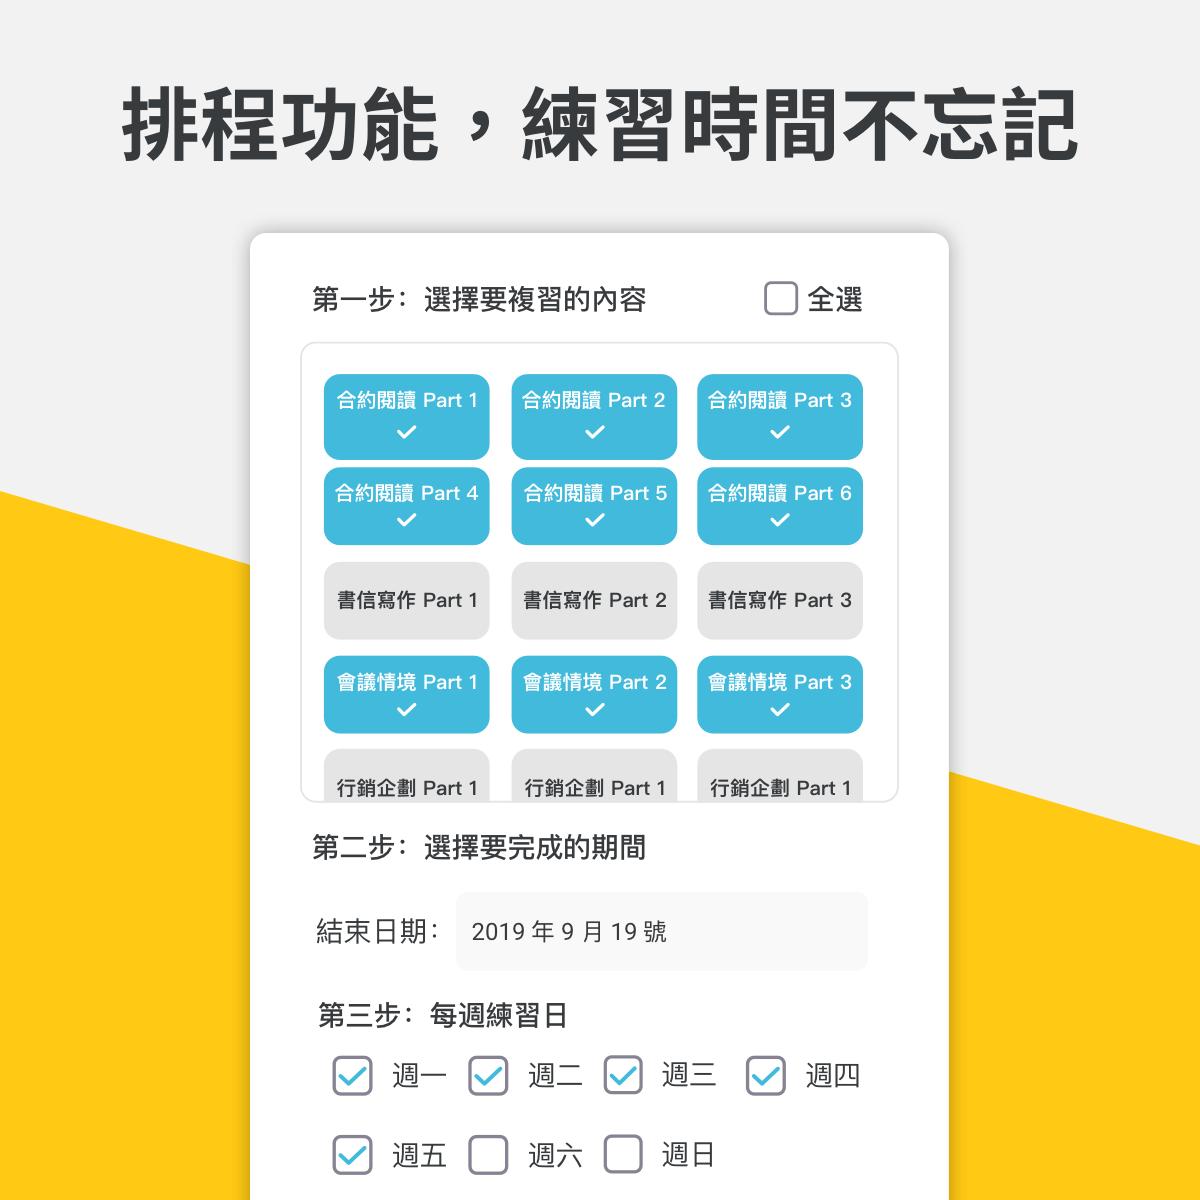 WORD UP 進度規劃 背單字 app - 排程功能